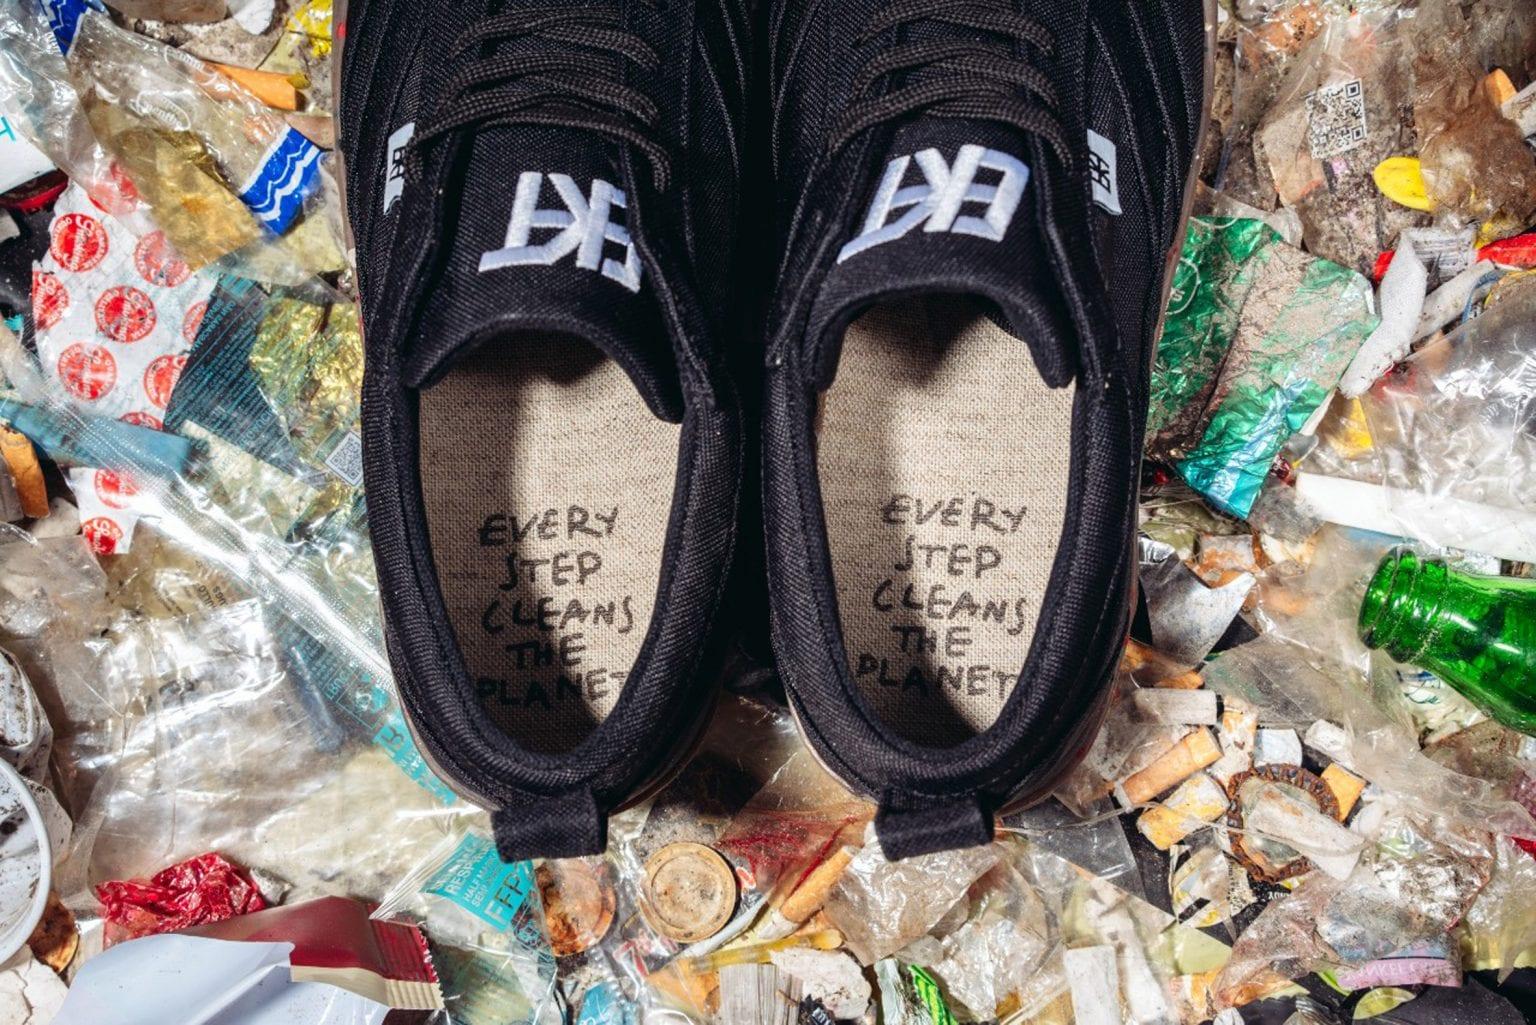 Австрийский бренд создал кроссовки, состоящие почти полностью из переработанных материалов